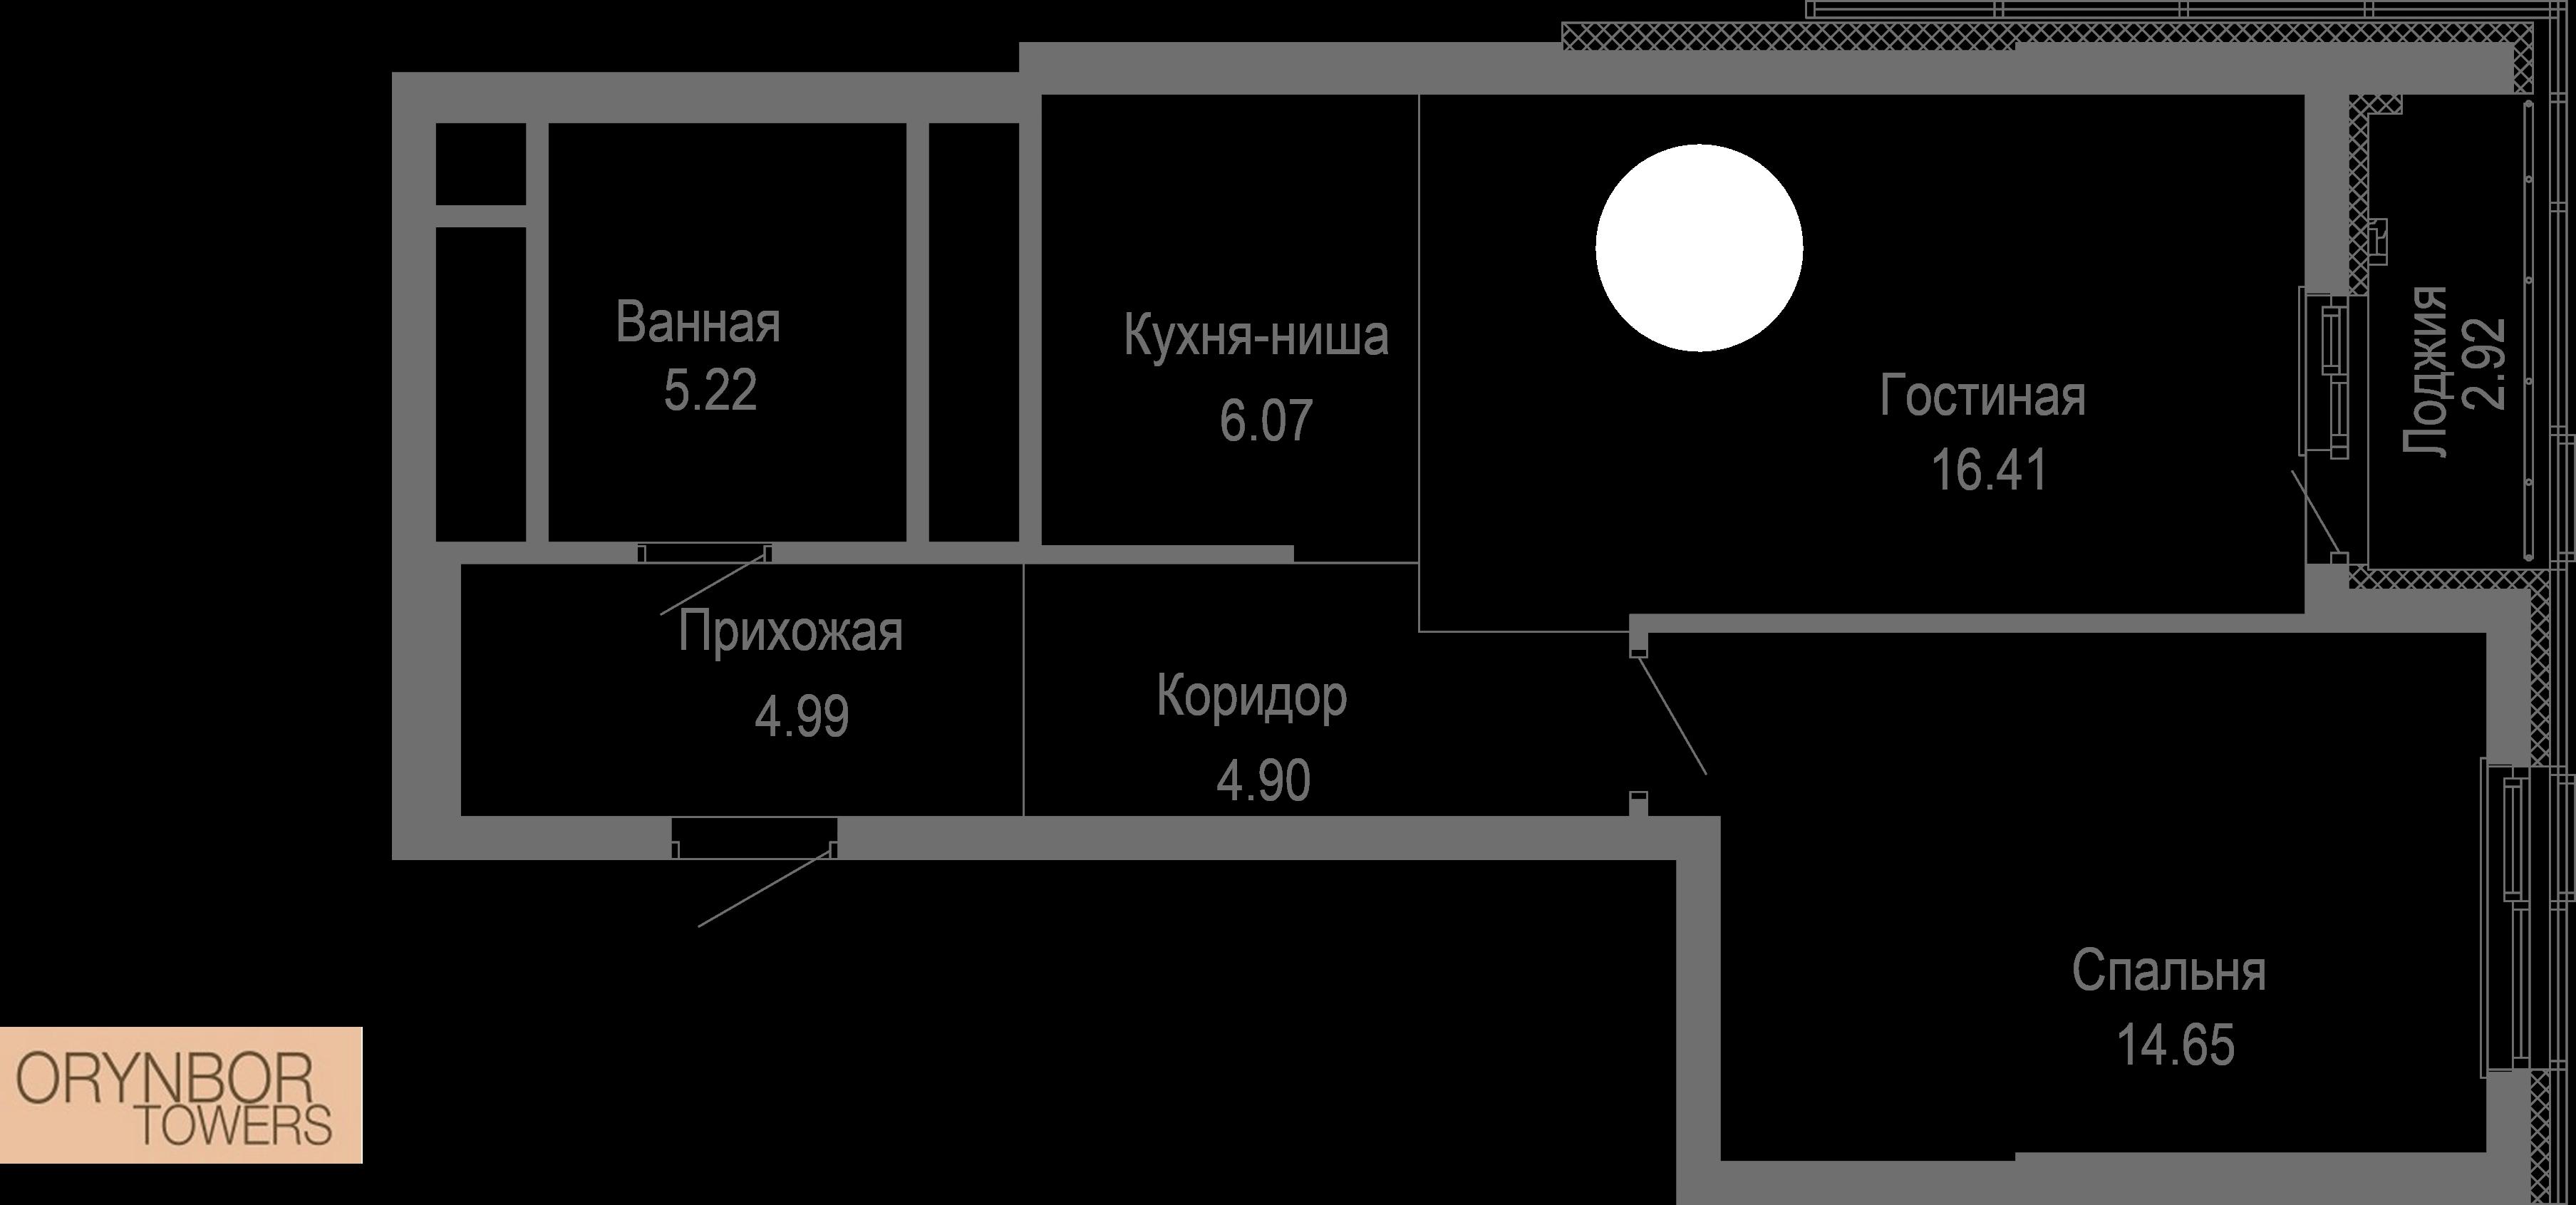 Блок 1-1, Пәтер 42